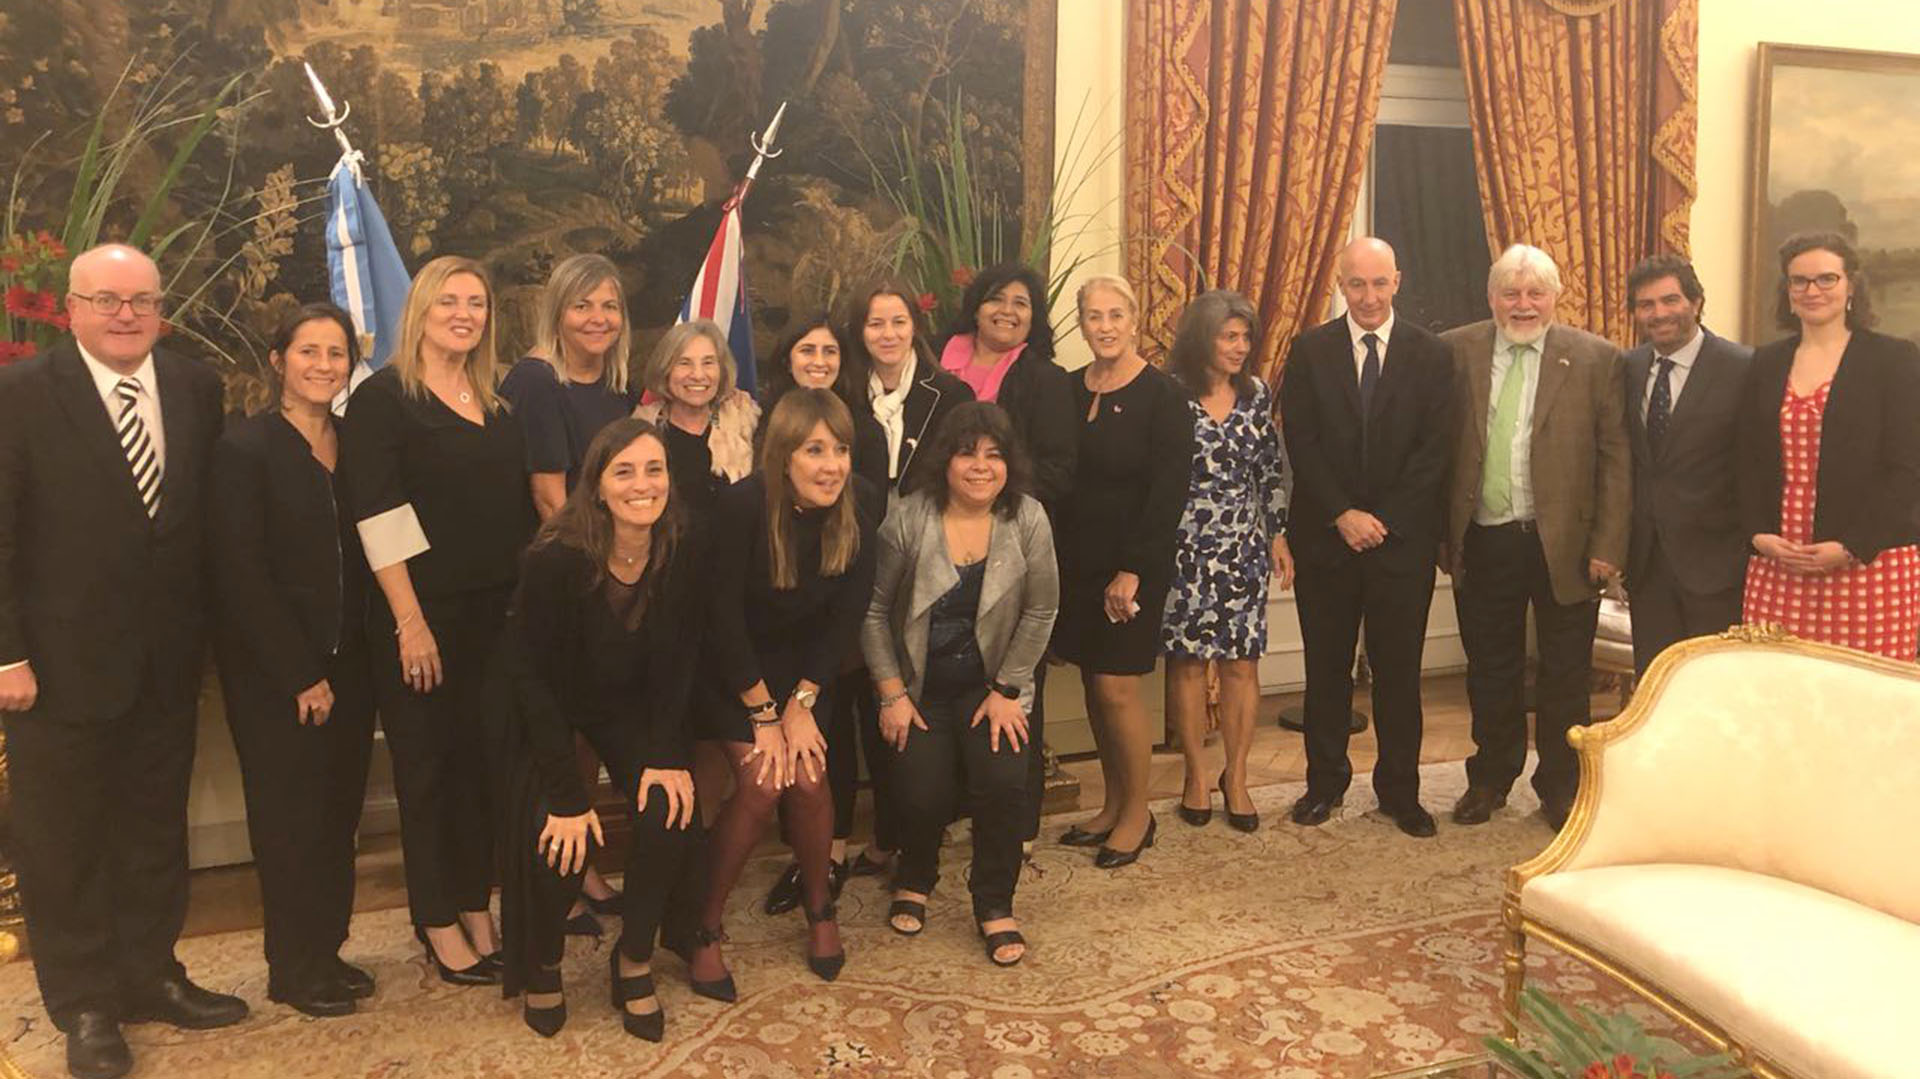 Previo a realizar el viaje, el embajador del Reino Unido en Argentina, Mark Kent, despidió al grupo junto a Adrián Werthein, presidente de CICyP